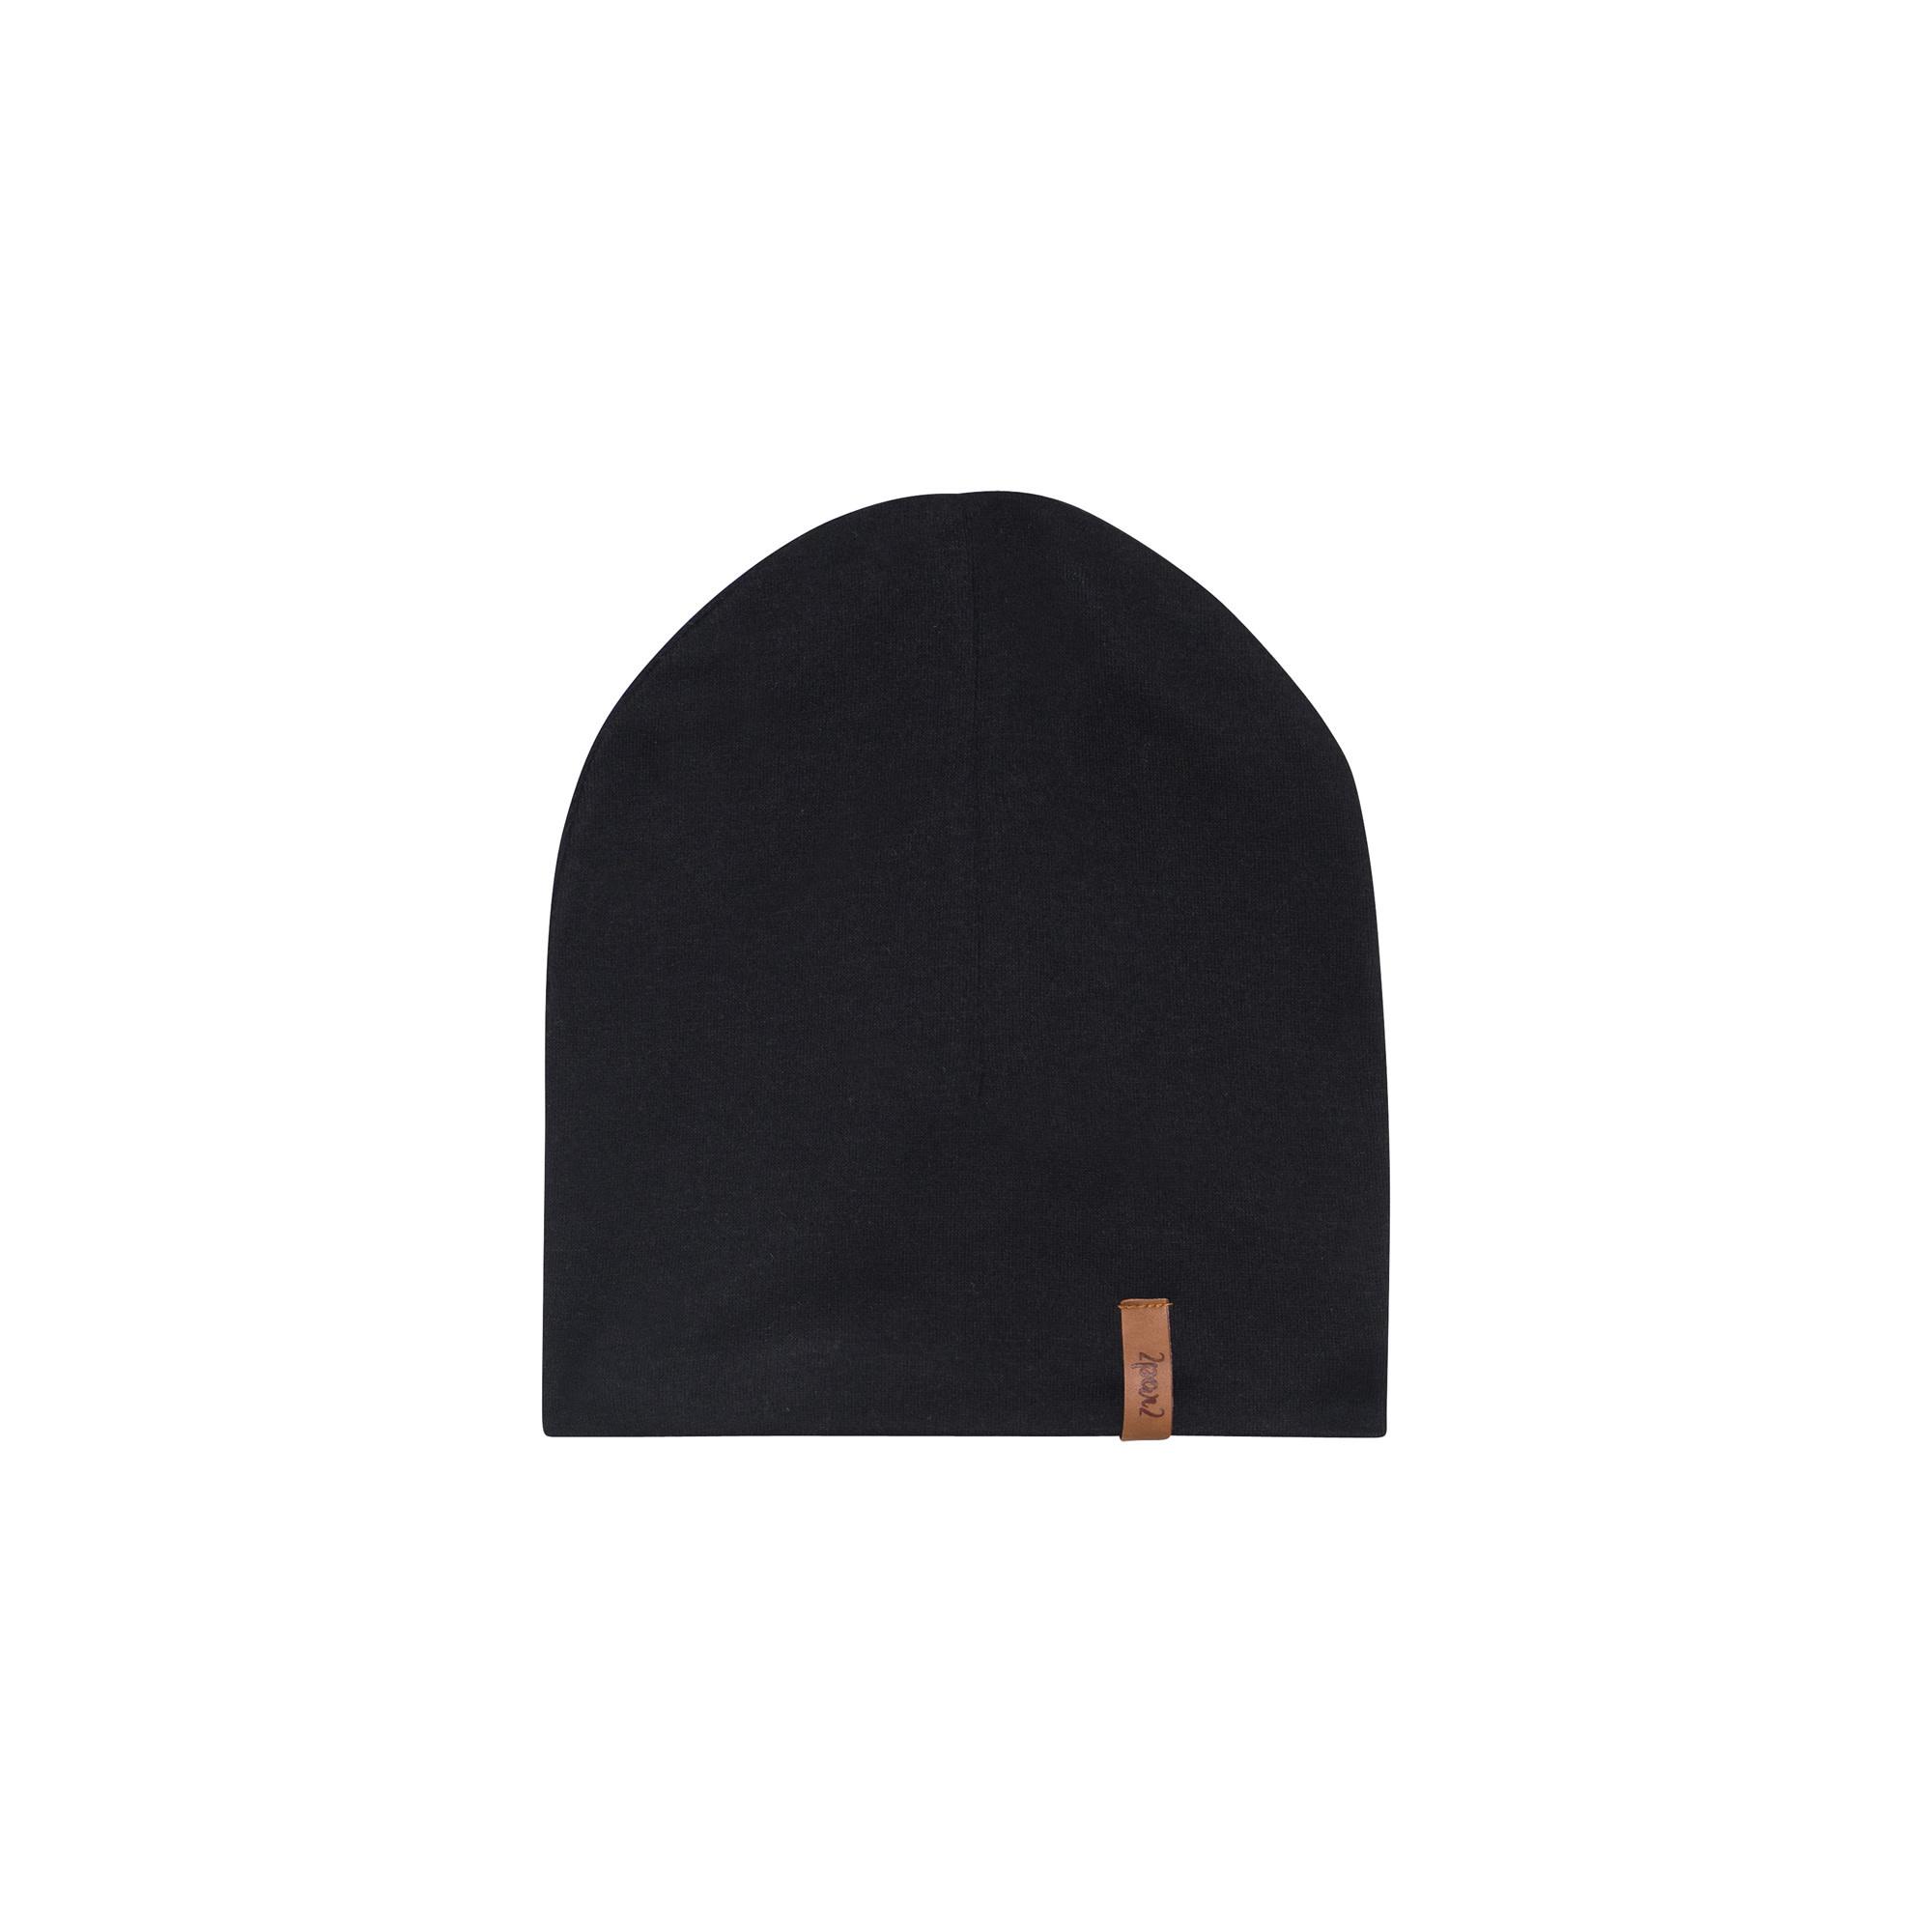 Bonnet Noir-4